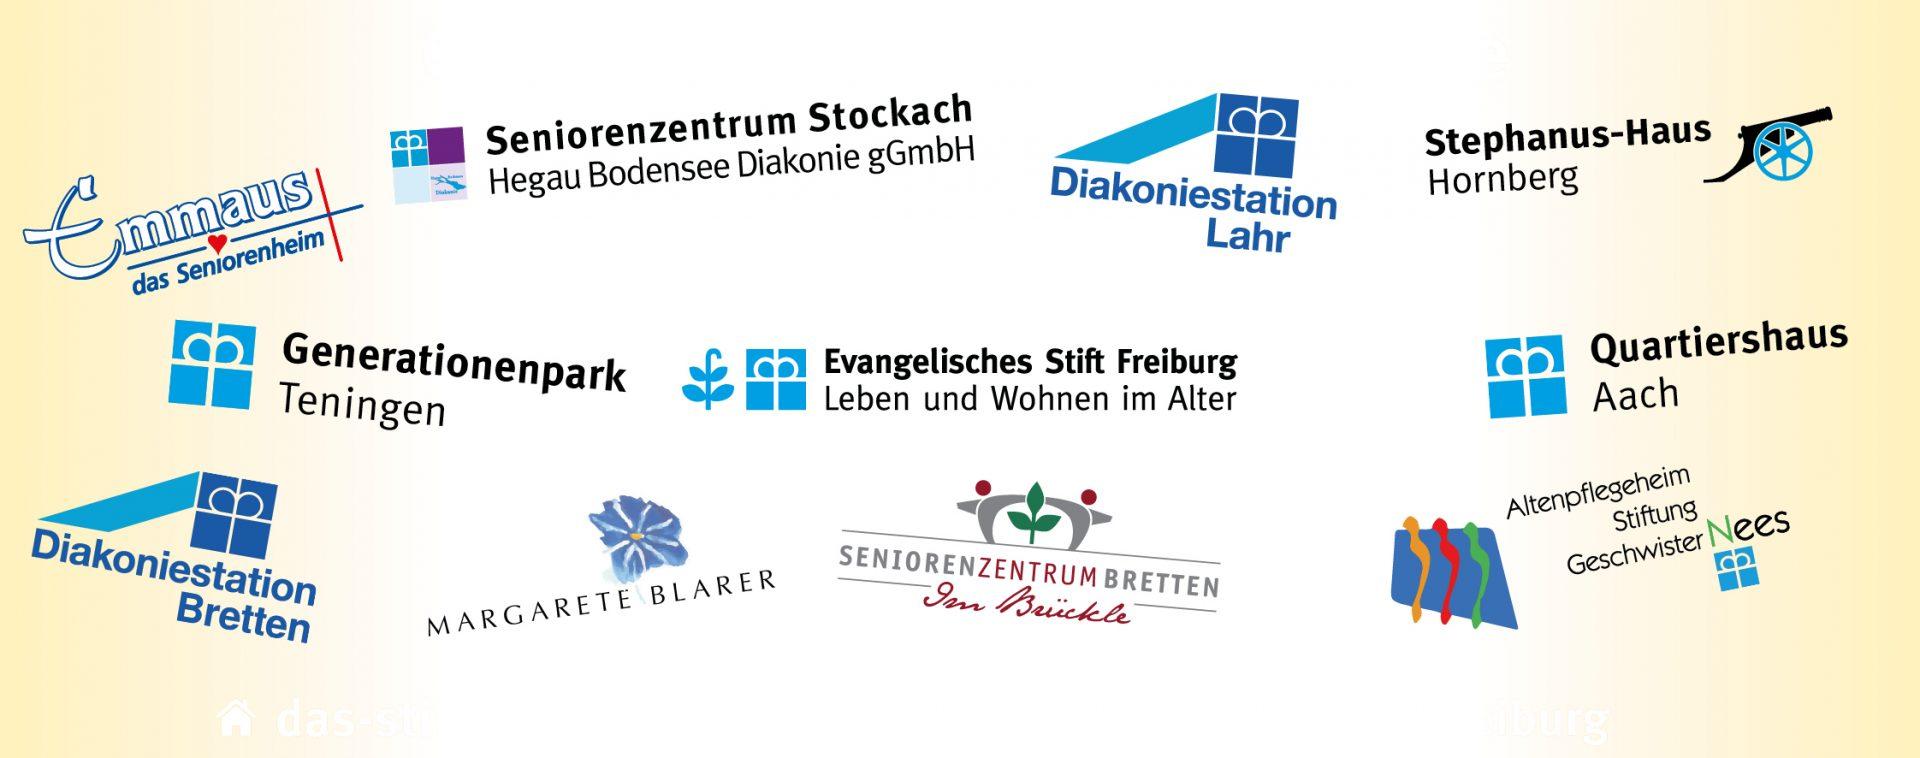 2020-04-29-Stiftsverbund-Evangelisches-Stift-Freiburg-bunt-verbunden